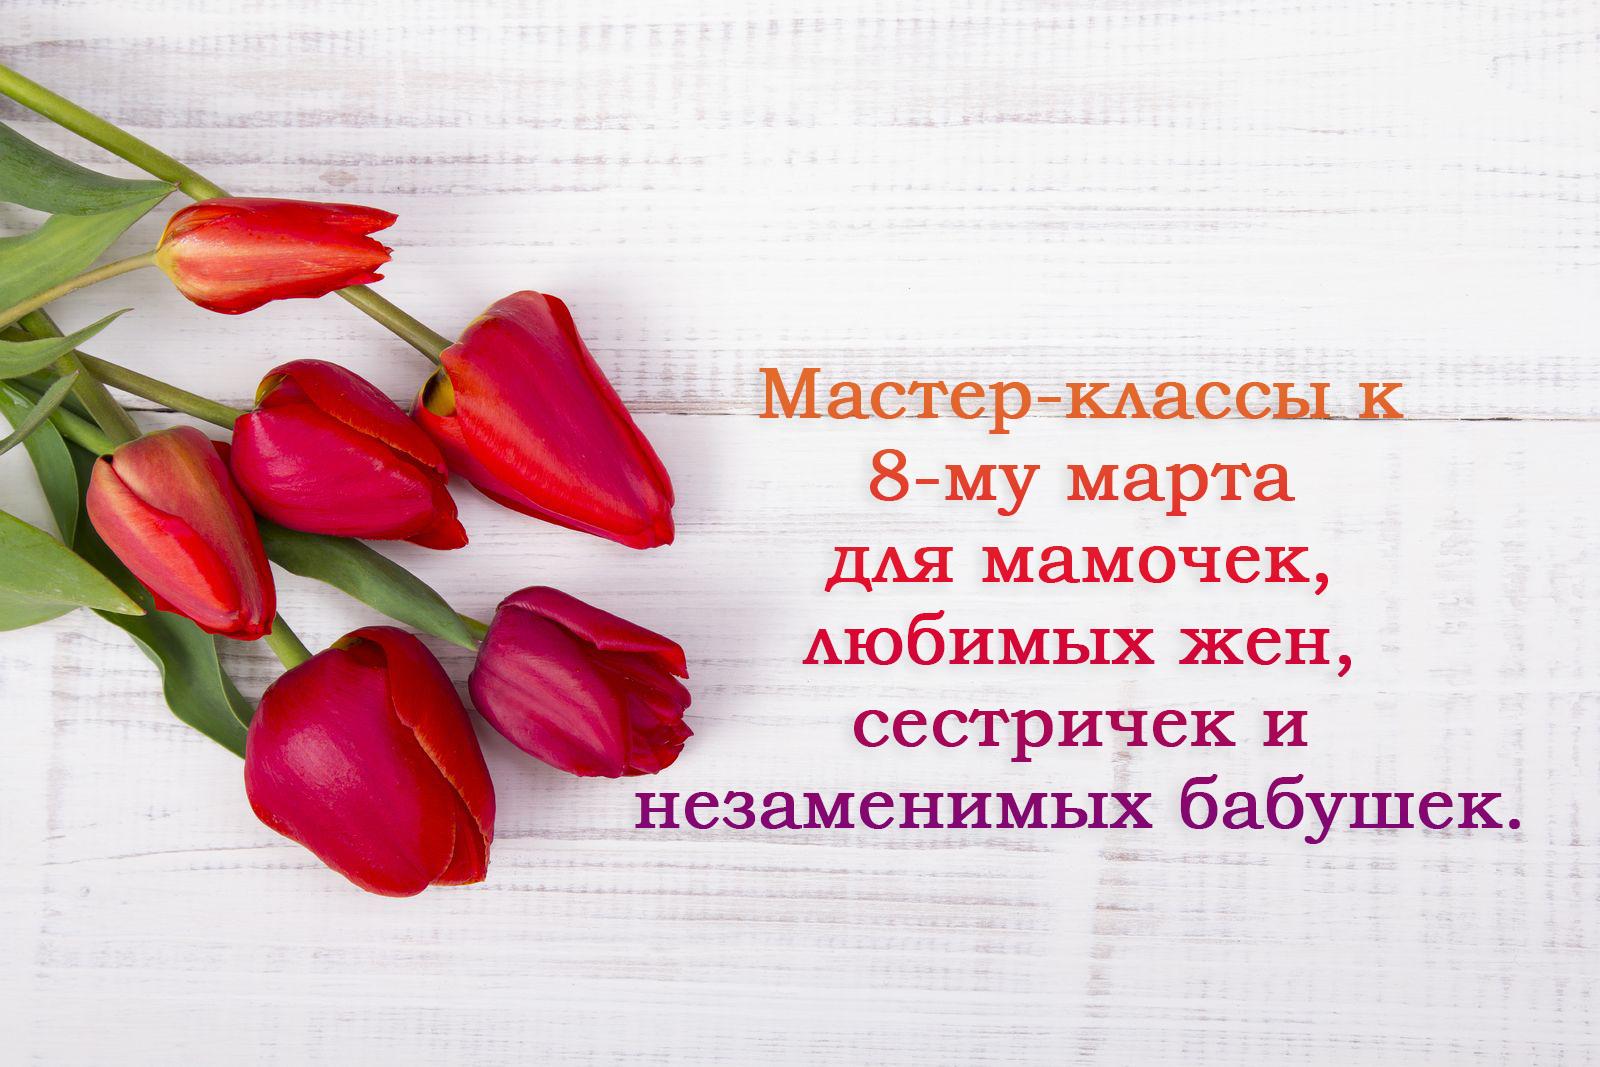 adv_5c6eb15398737.jpg